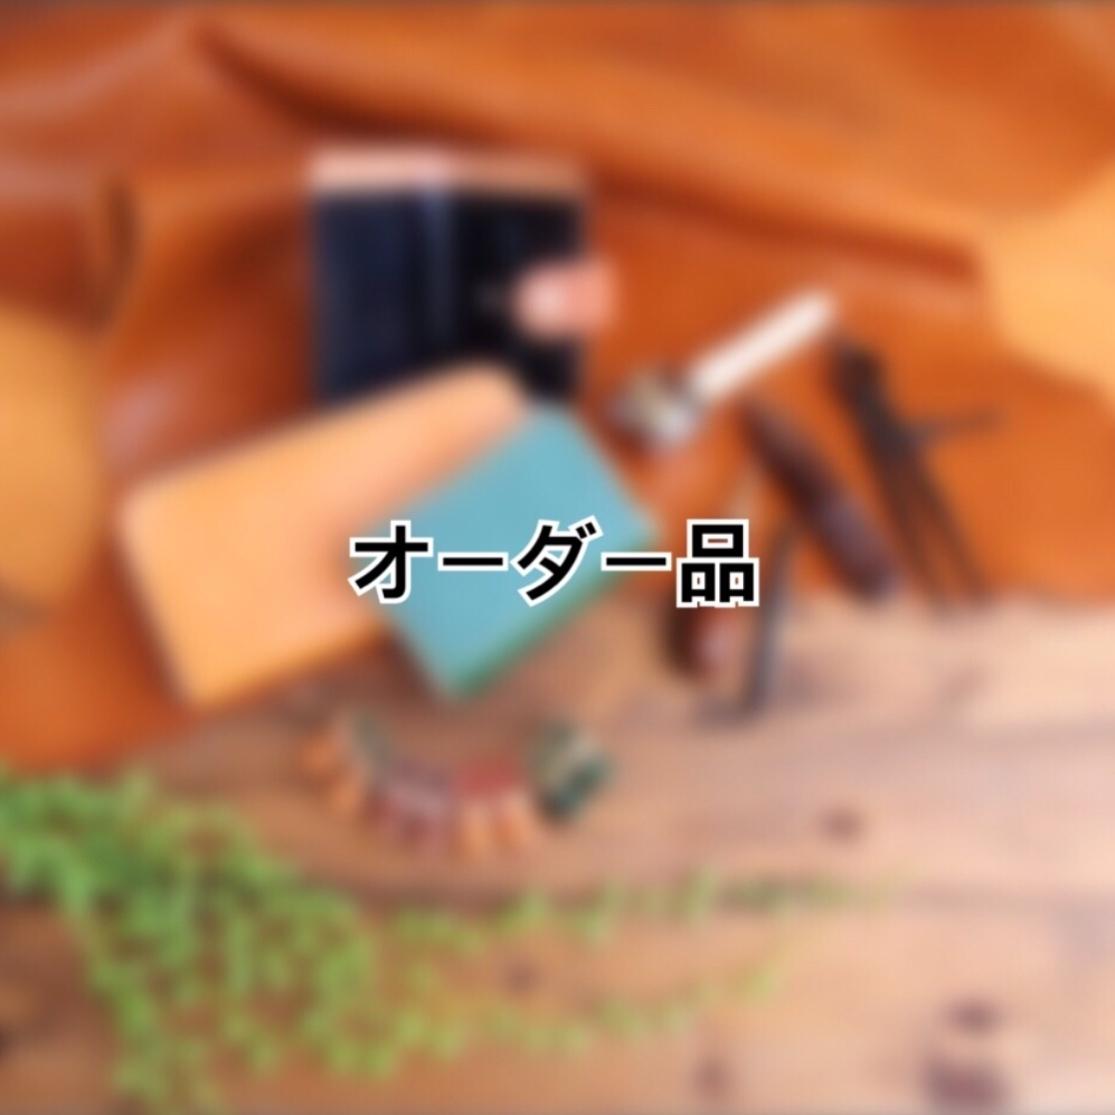 【オーダー品】A様 通帳ケース+ペンケース